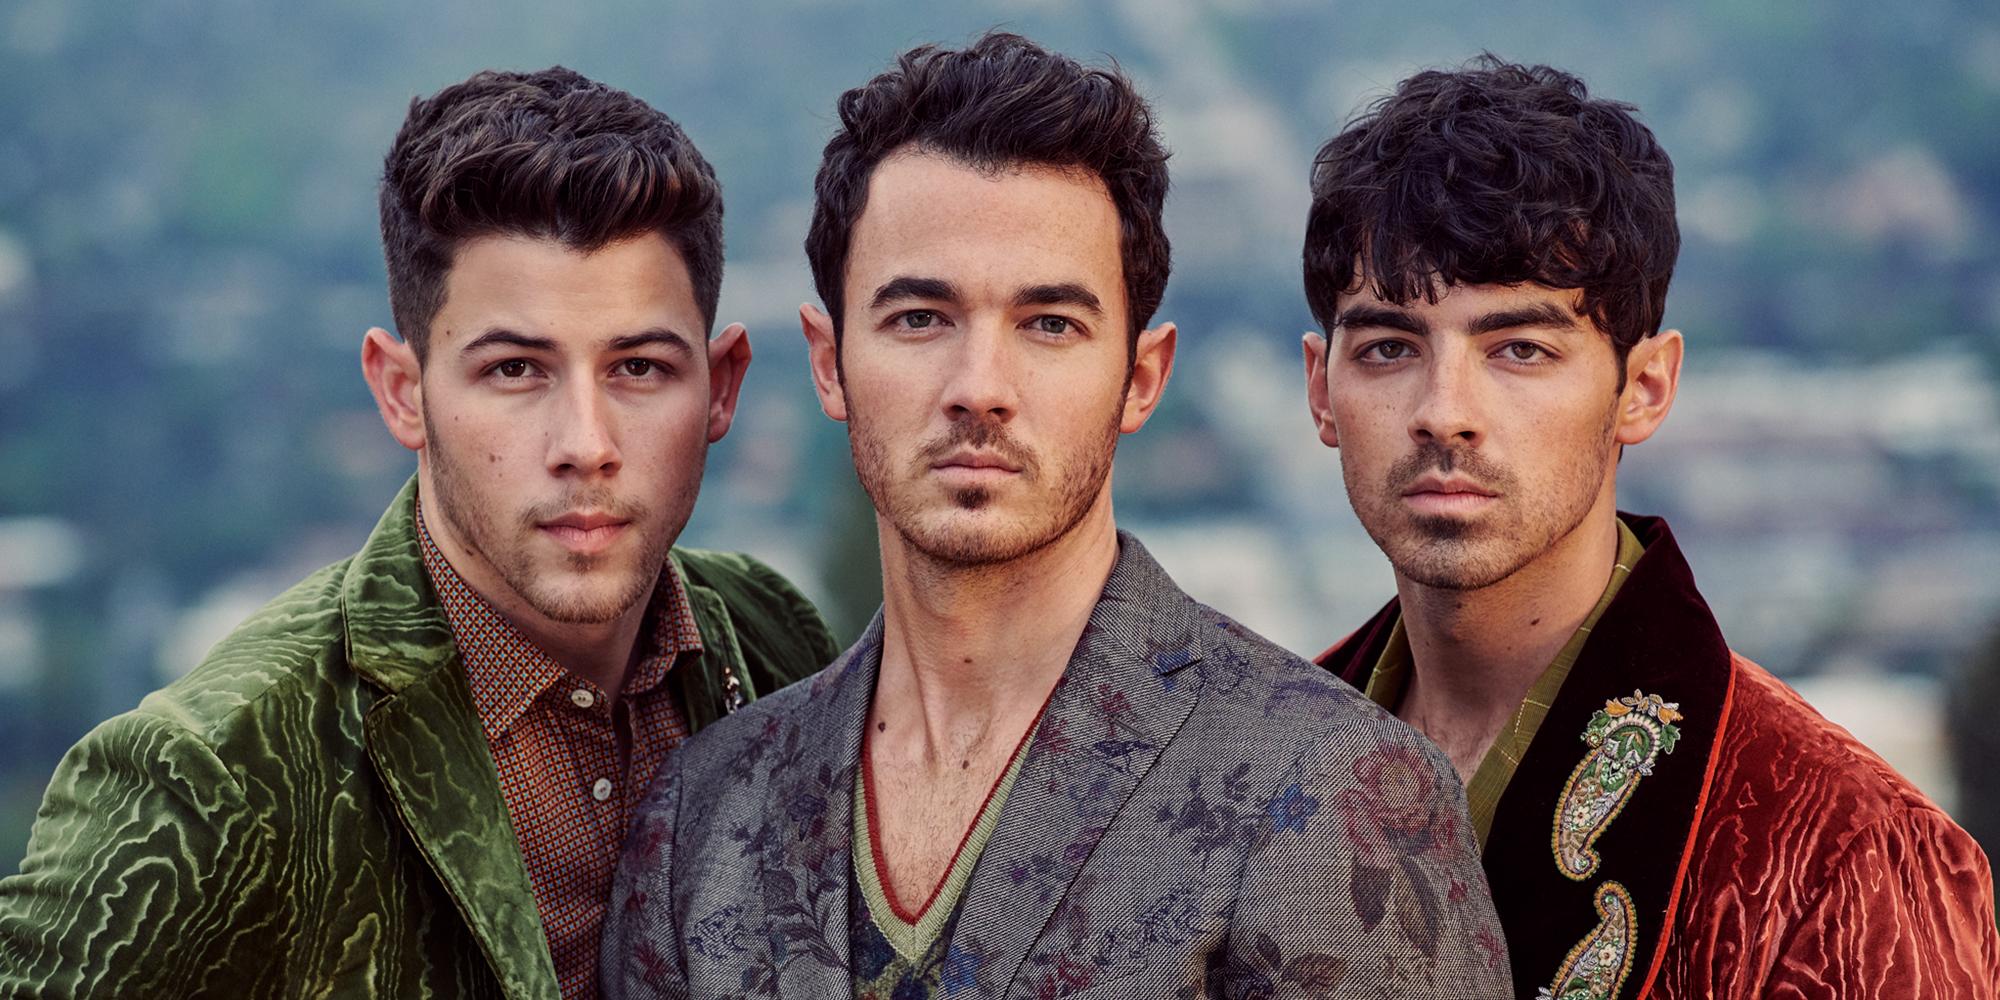 Ste fanúšikom Jonas Brothers!? Tak máte dôvod na radosť! Jeden z nich sa stane otcom!